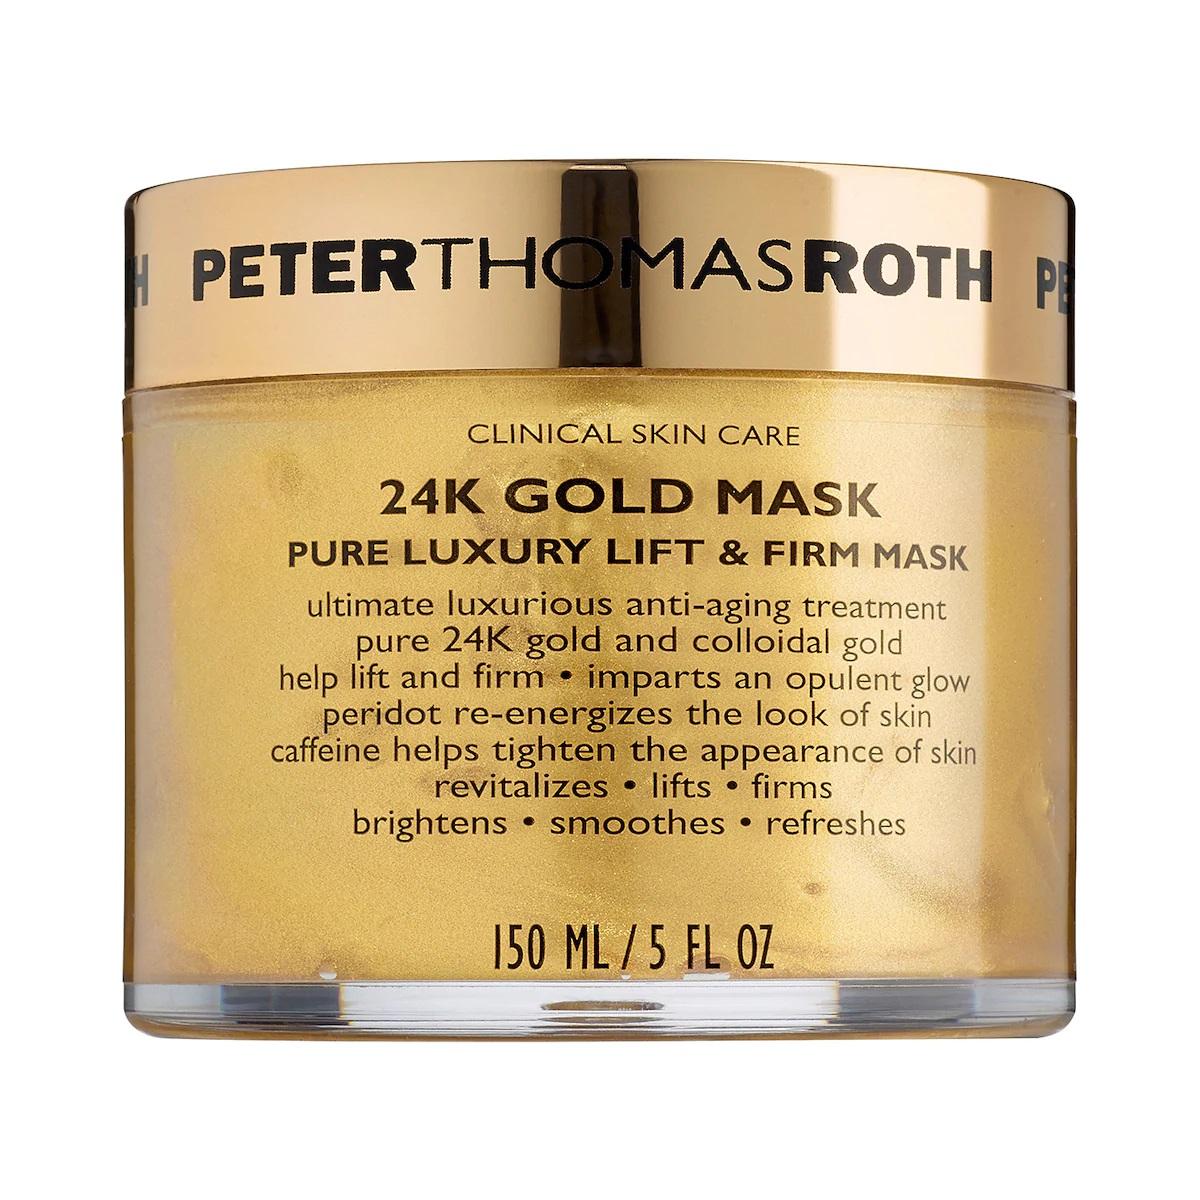 Aprovecha los beneficios que le ofrecen a tu piel esta mascarilla de oro de 24 kilates de la marca Peter Thomas Roth. Disponible en Sephora. (Suministrada)